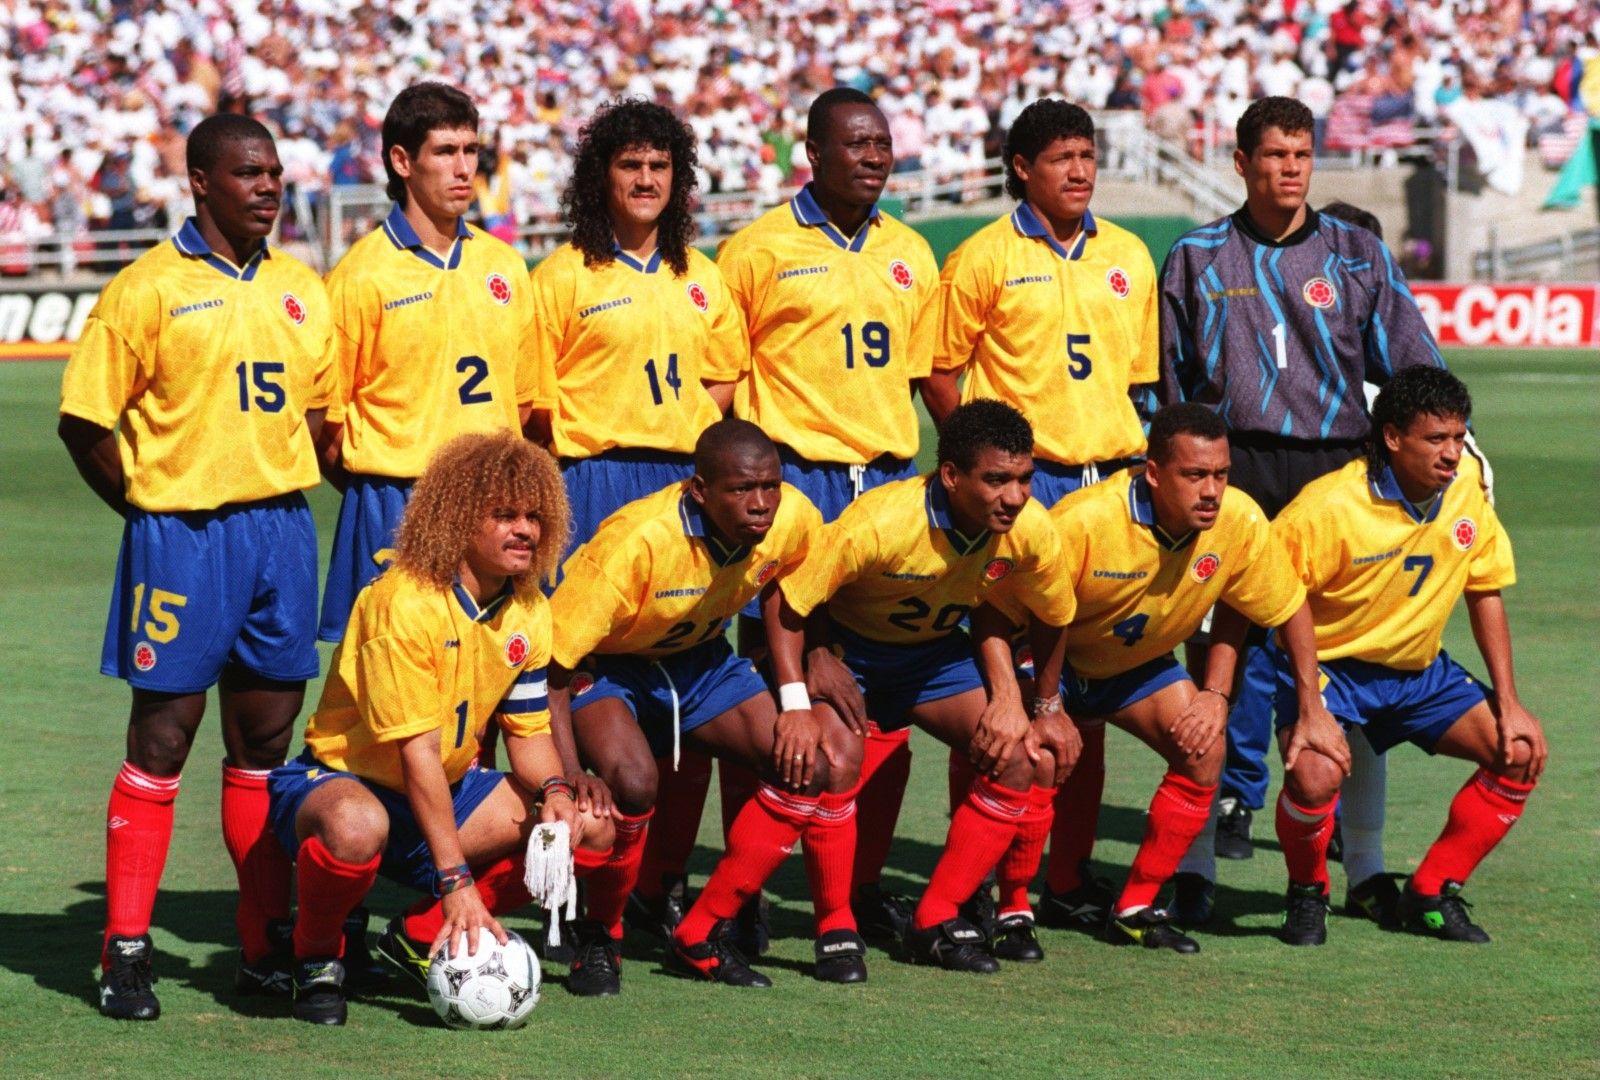 Колумбия - отборът преди мача срещу домакините на САЩ 94.